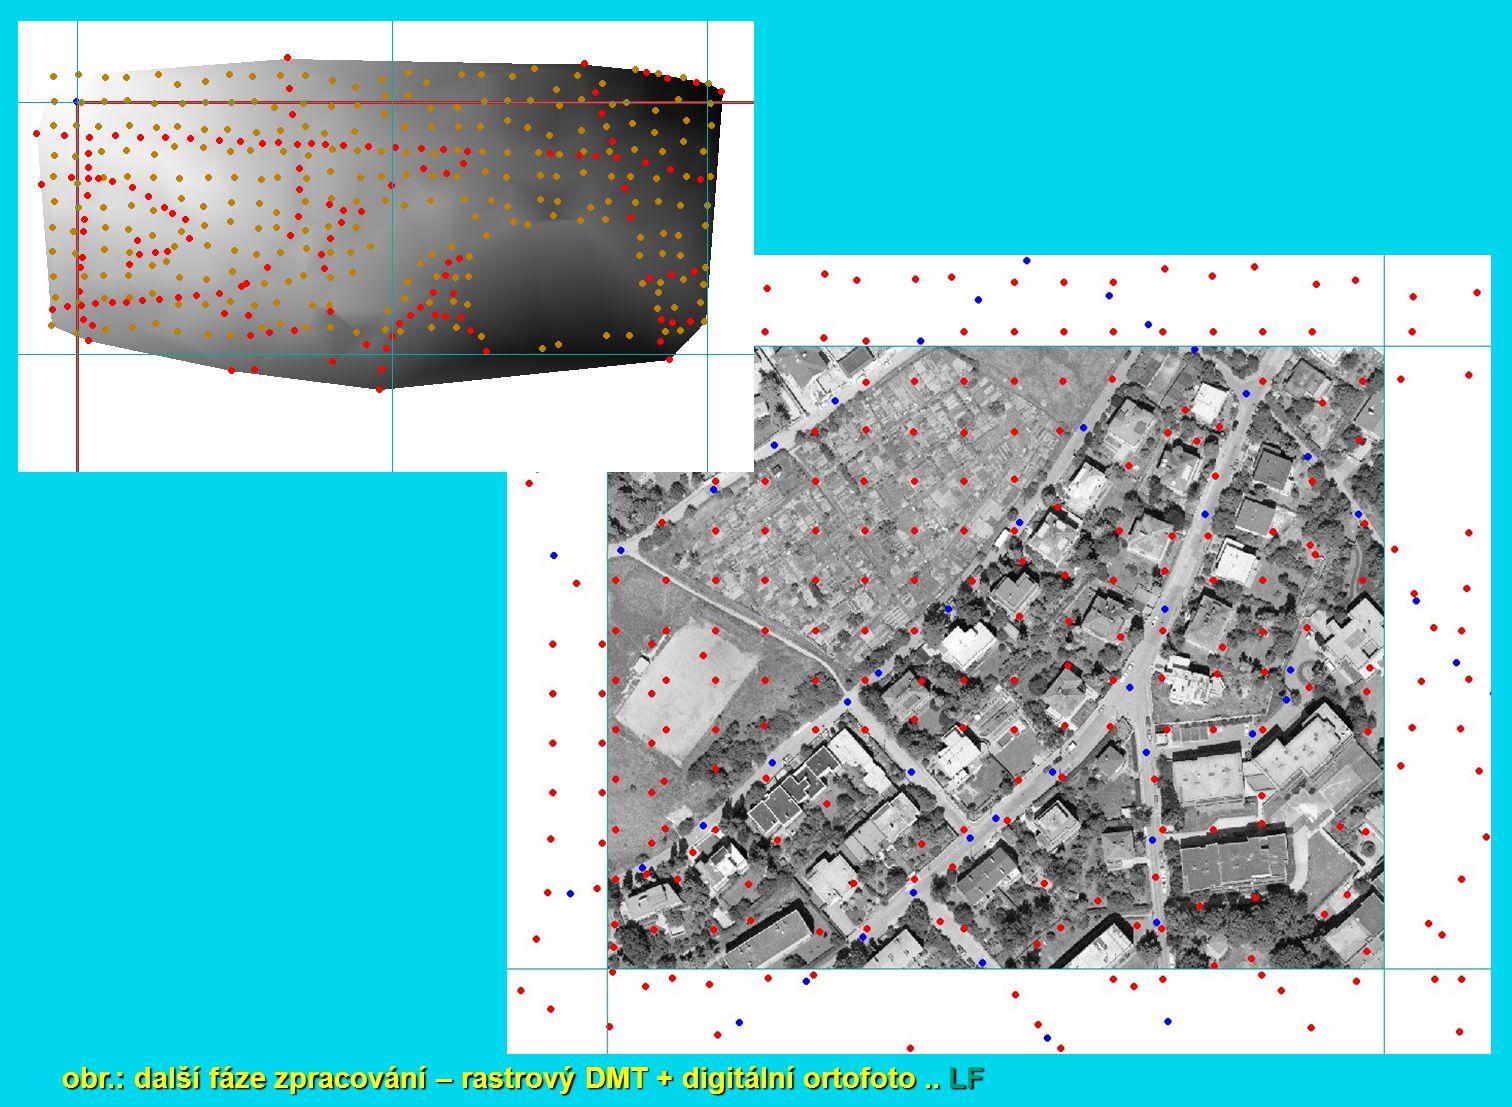 obr.: další fáze zpracování – rastrový DMT + digitální ortofoto .. LF